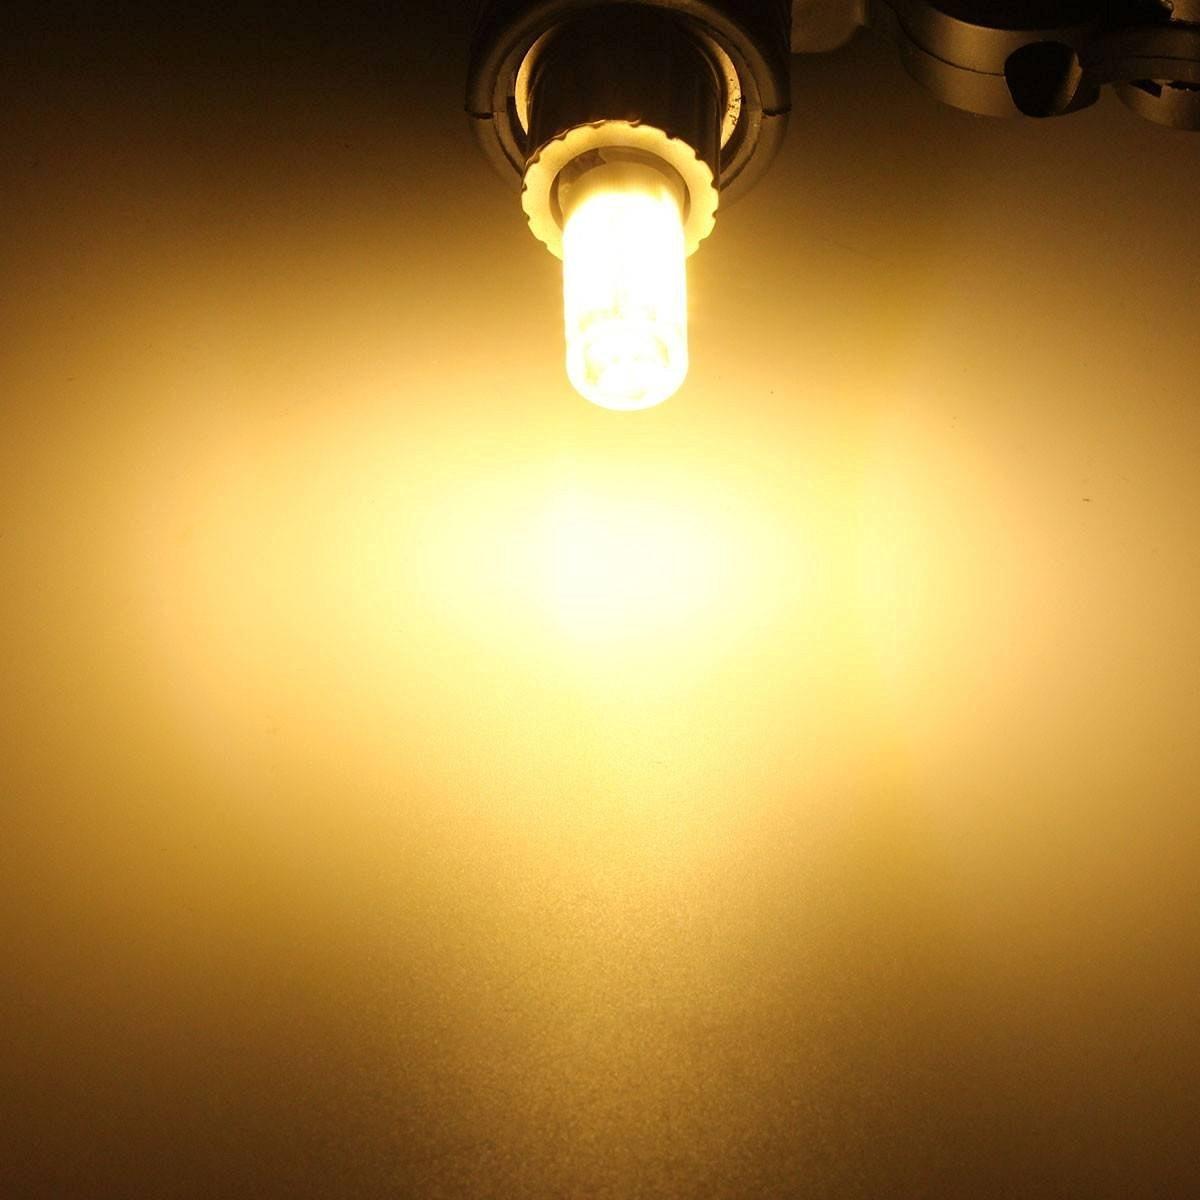 McDen G9 LED Dimmable Light Bulbs 6 Watt Warm White 3000K JCD T4 Bi Pin Base 60 Equivalent AC 110V 130V Pack Of 5 Amazonca Tools